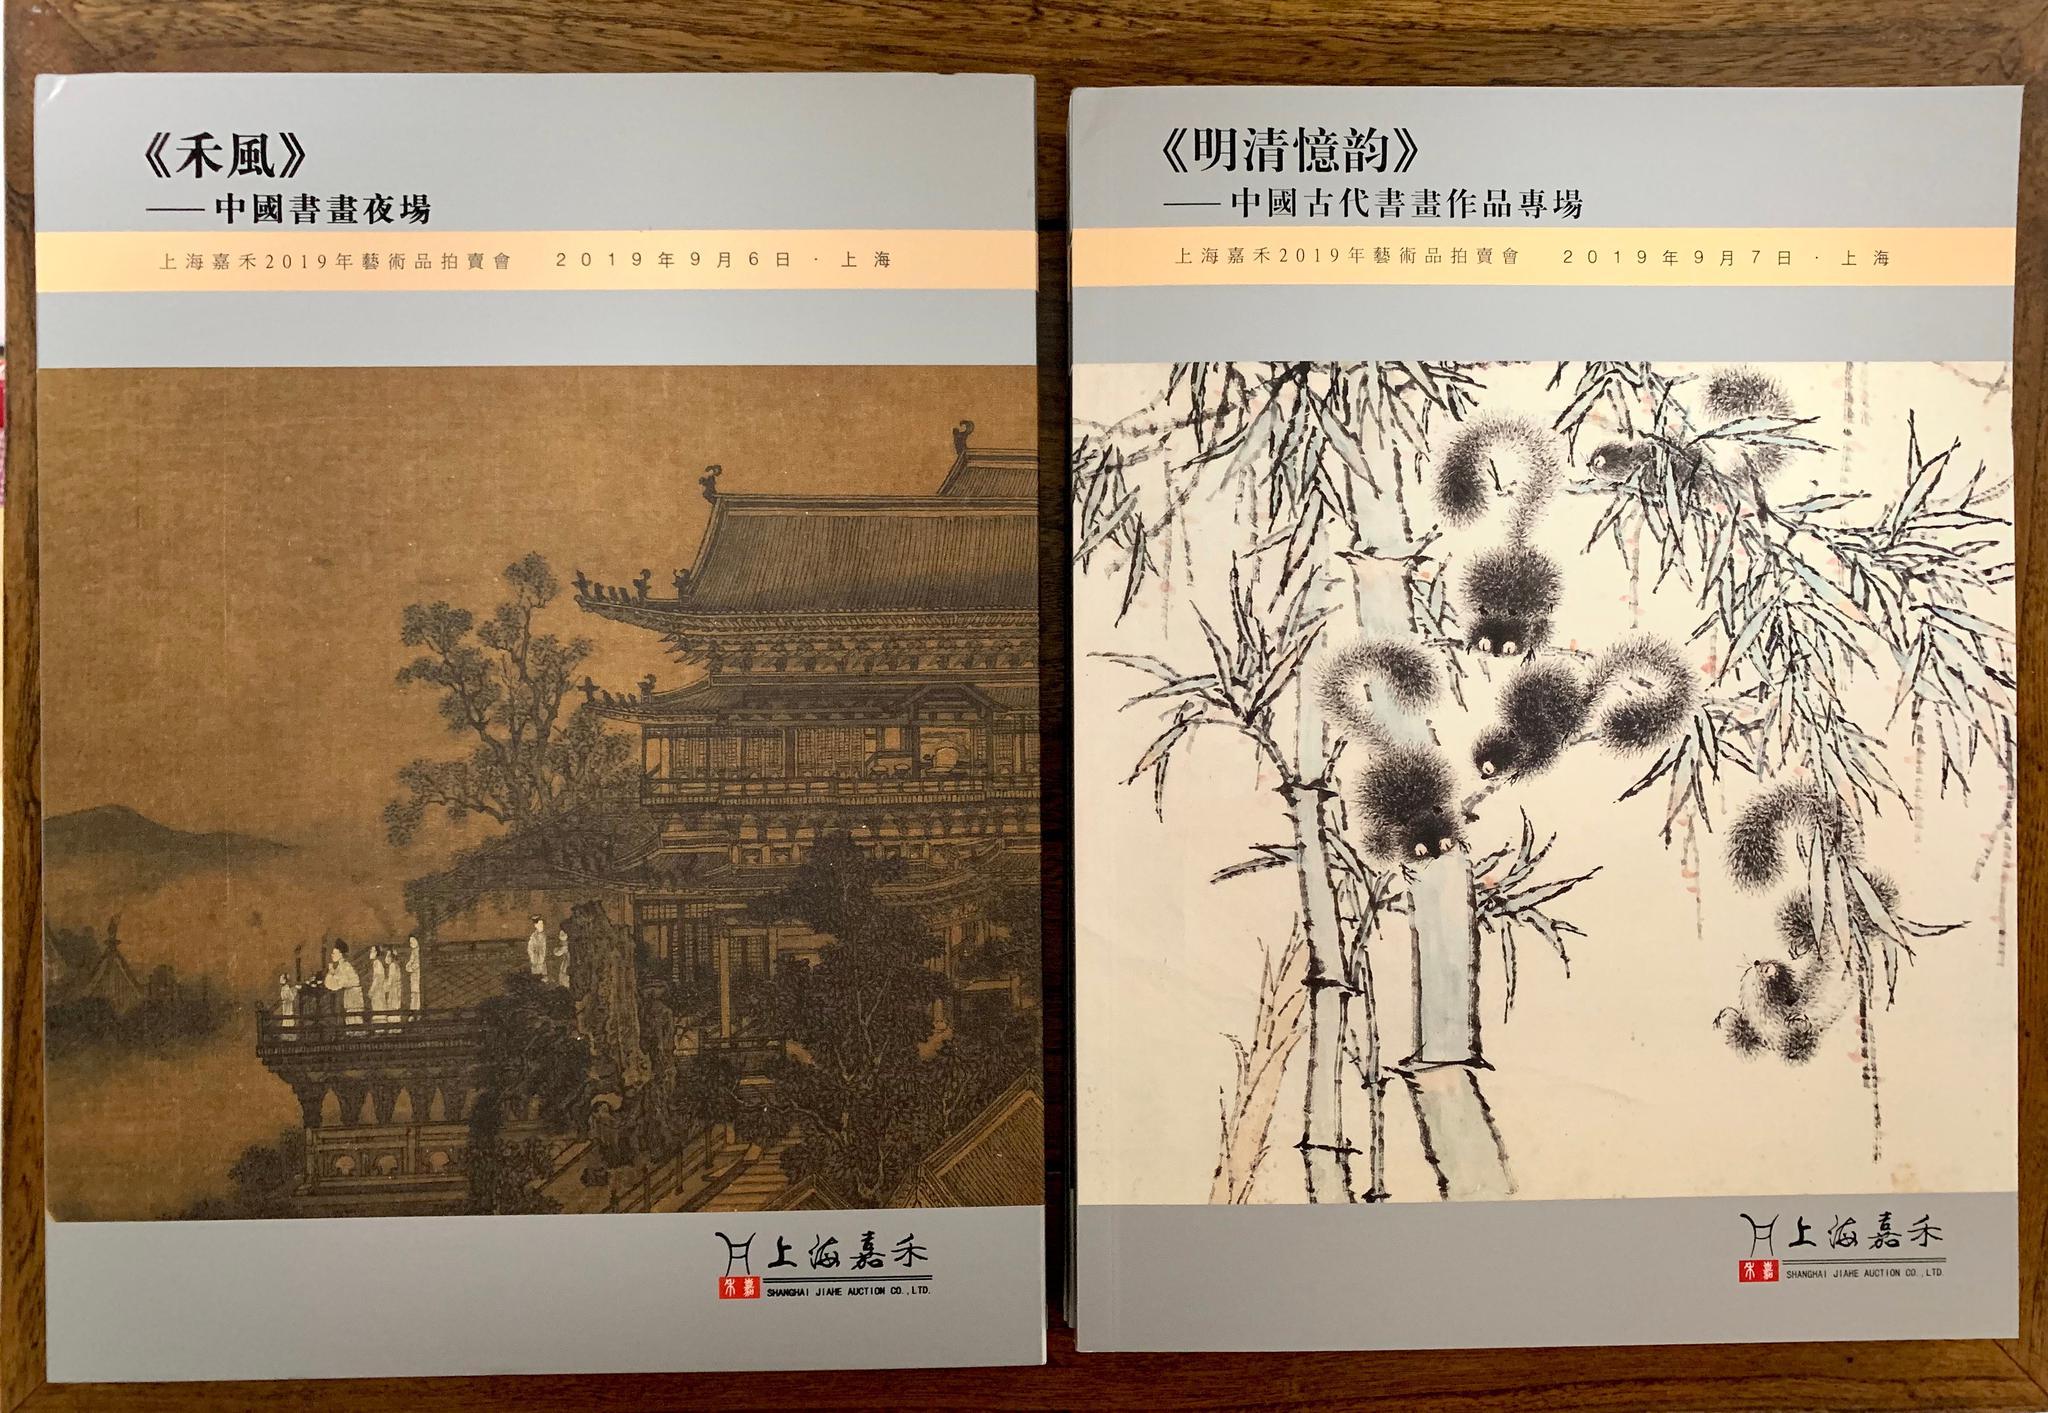 上海嘉禾2019年艺术品拍卖会预展时间2019年9月5日-6日